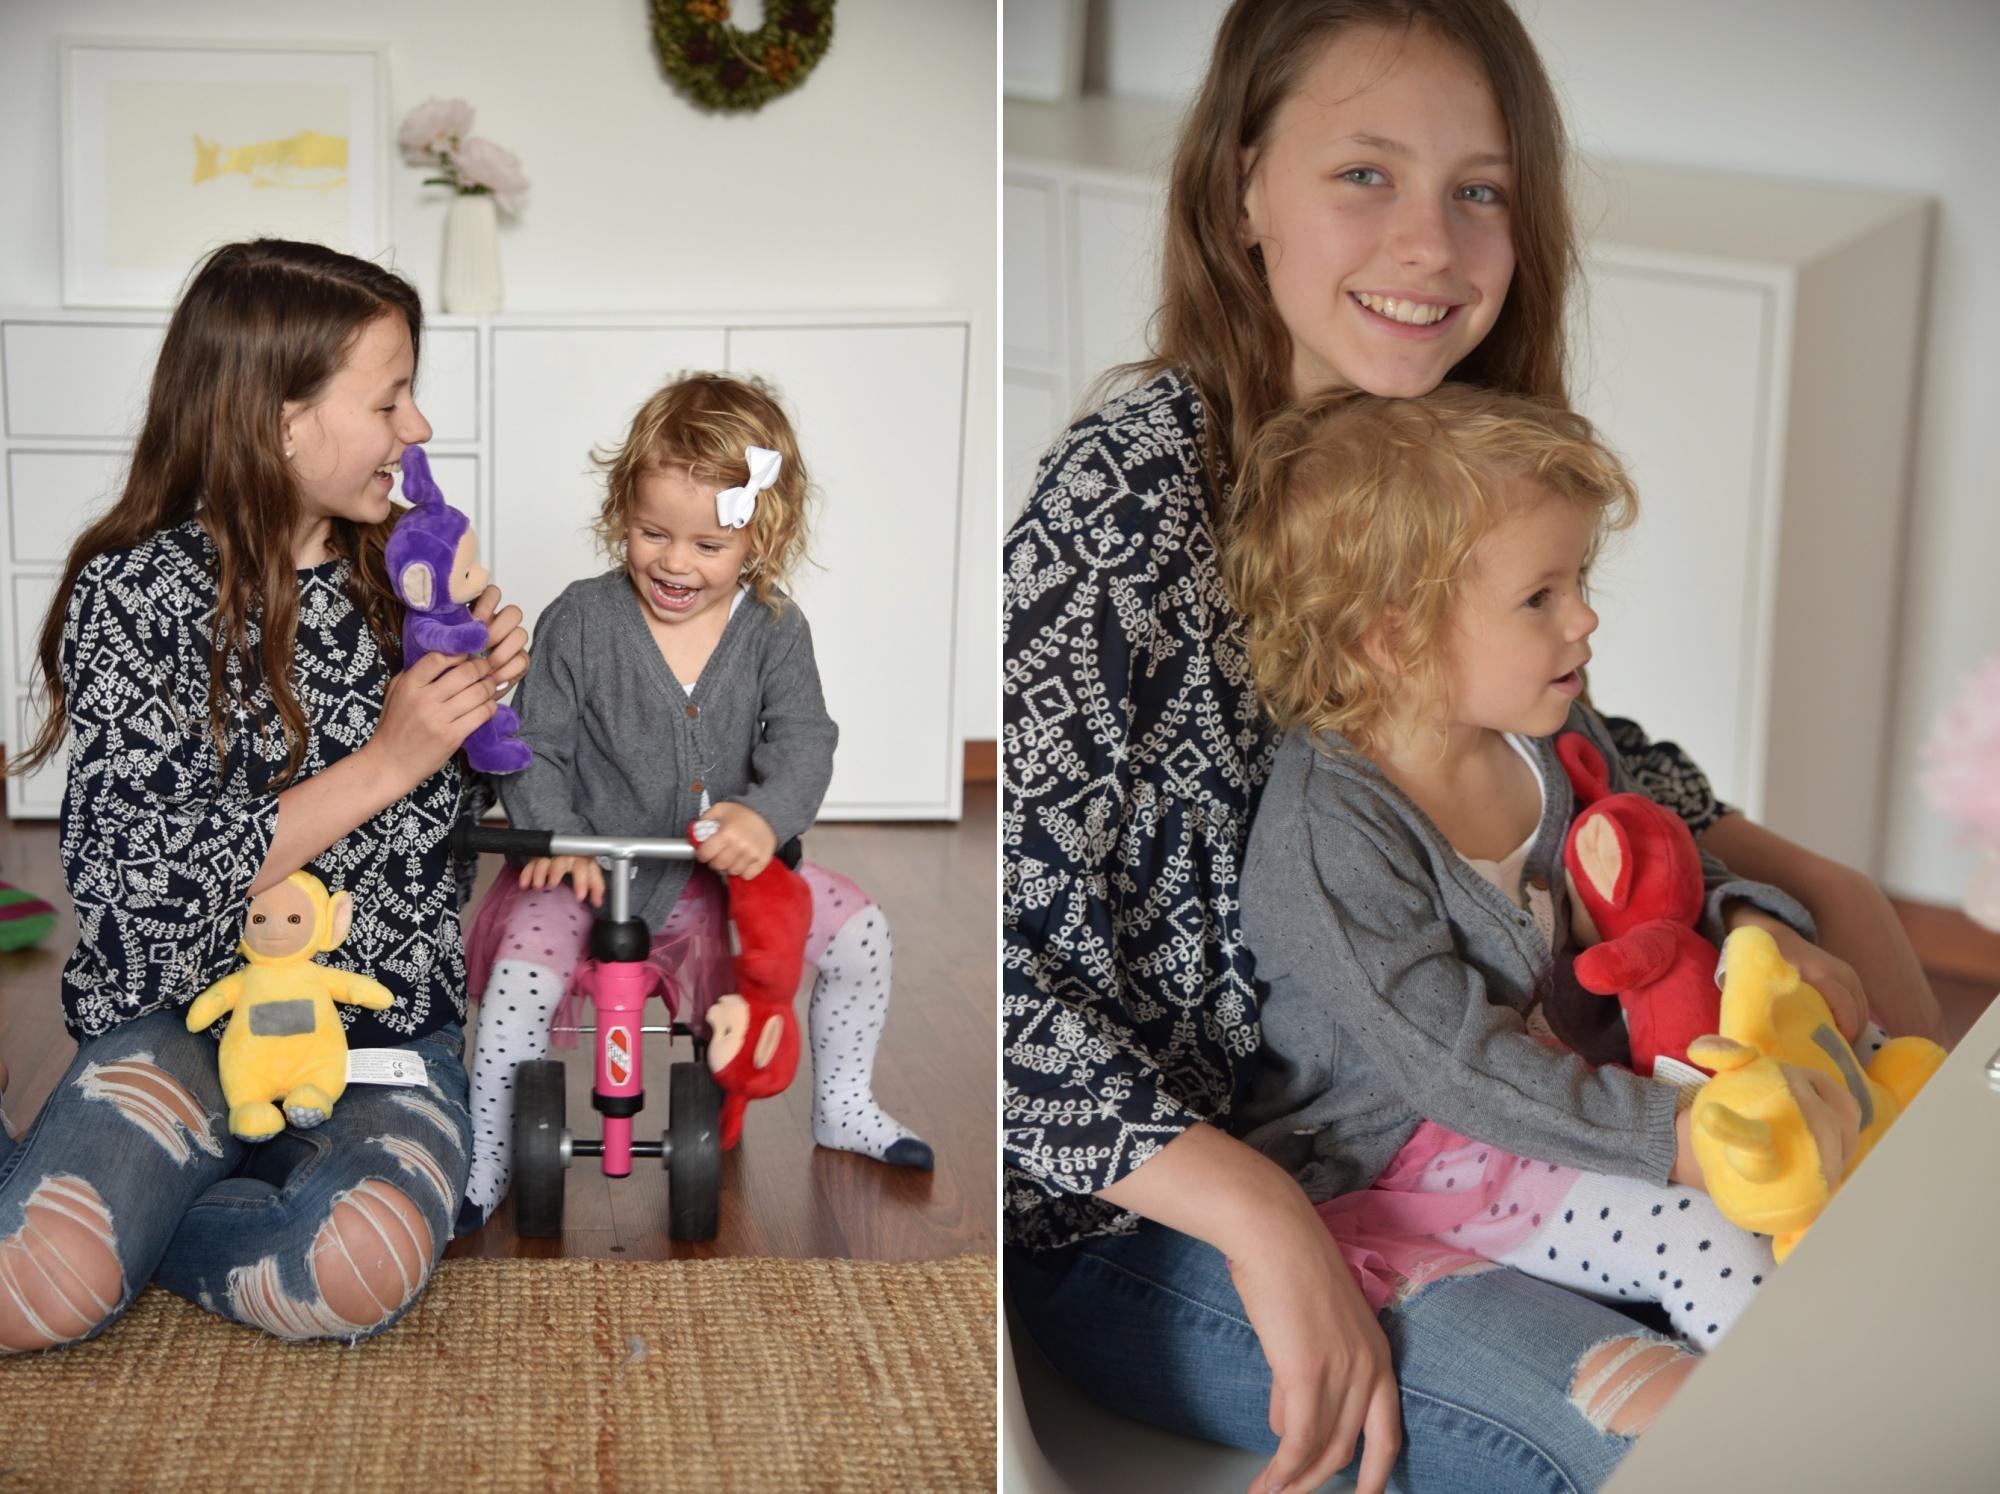 Fernsehkonsum Kinder, Fernsehen Kinder